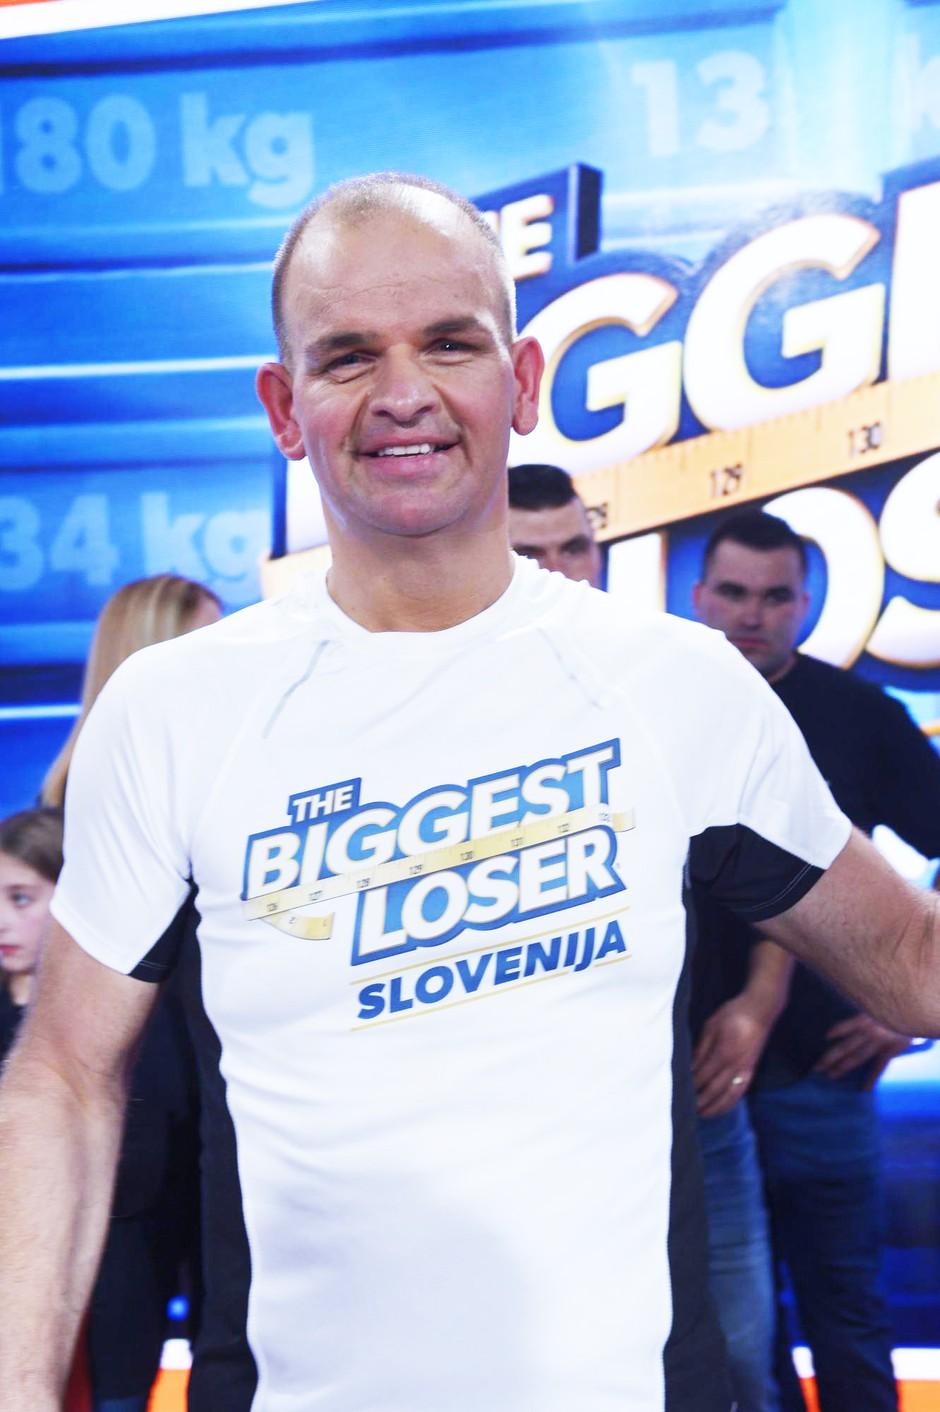 Se še spomniš zmagovalca The Biggest loser Bojana Papeža? Doletela ga je velika tragedija 😔 (foto: Primož Predalič)